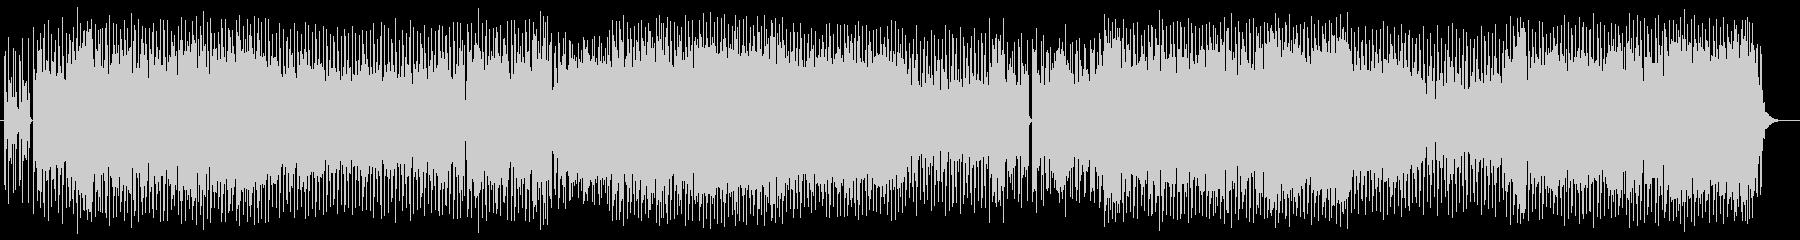 エッジ、浮遊感あるドラムンベースの曲の未再生の波形